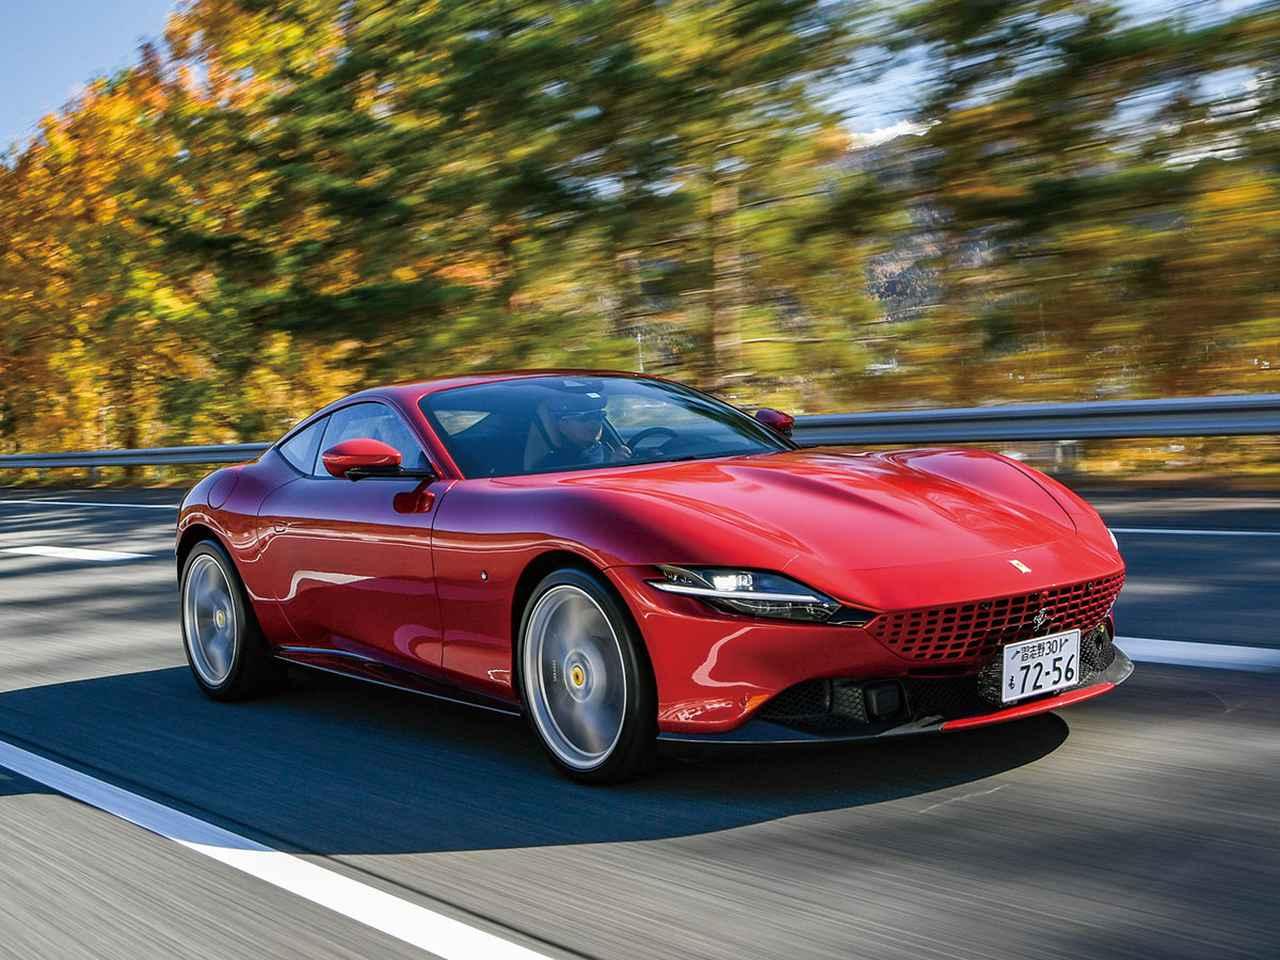 2020-2021年に注目された輸入スポーツカー/スーパーカー。華も実もある進化&派生モデルが続々と登場